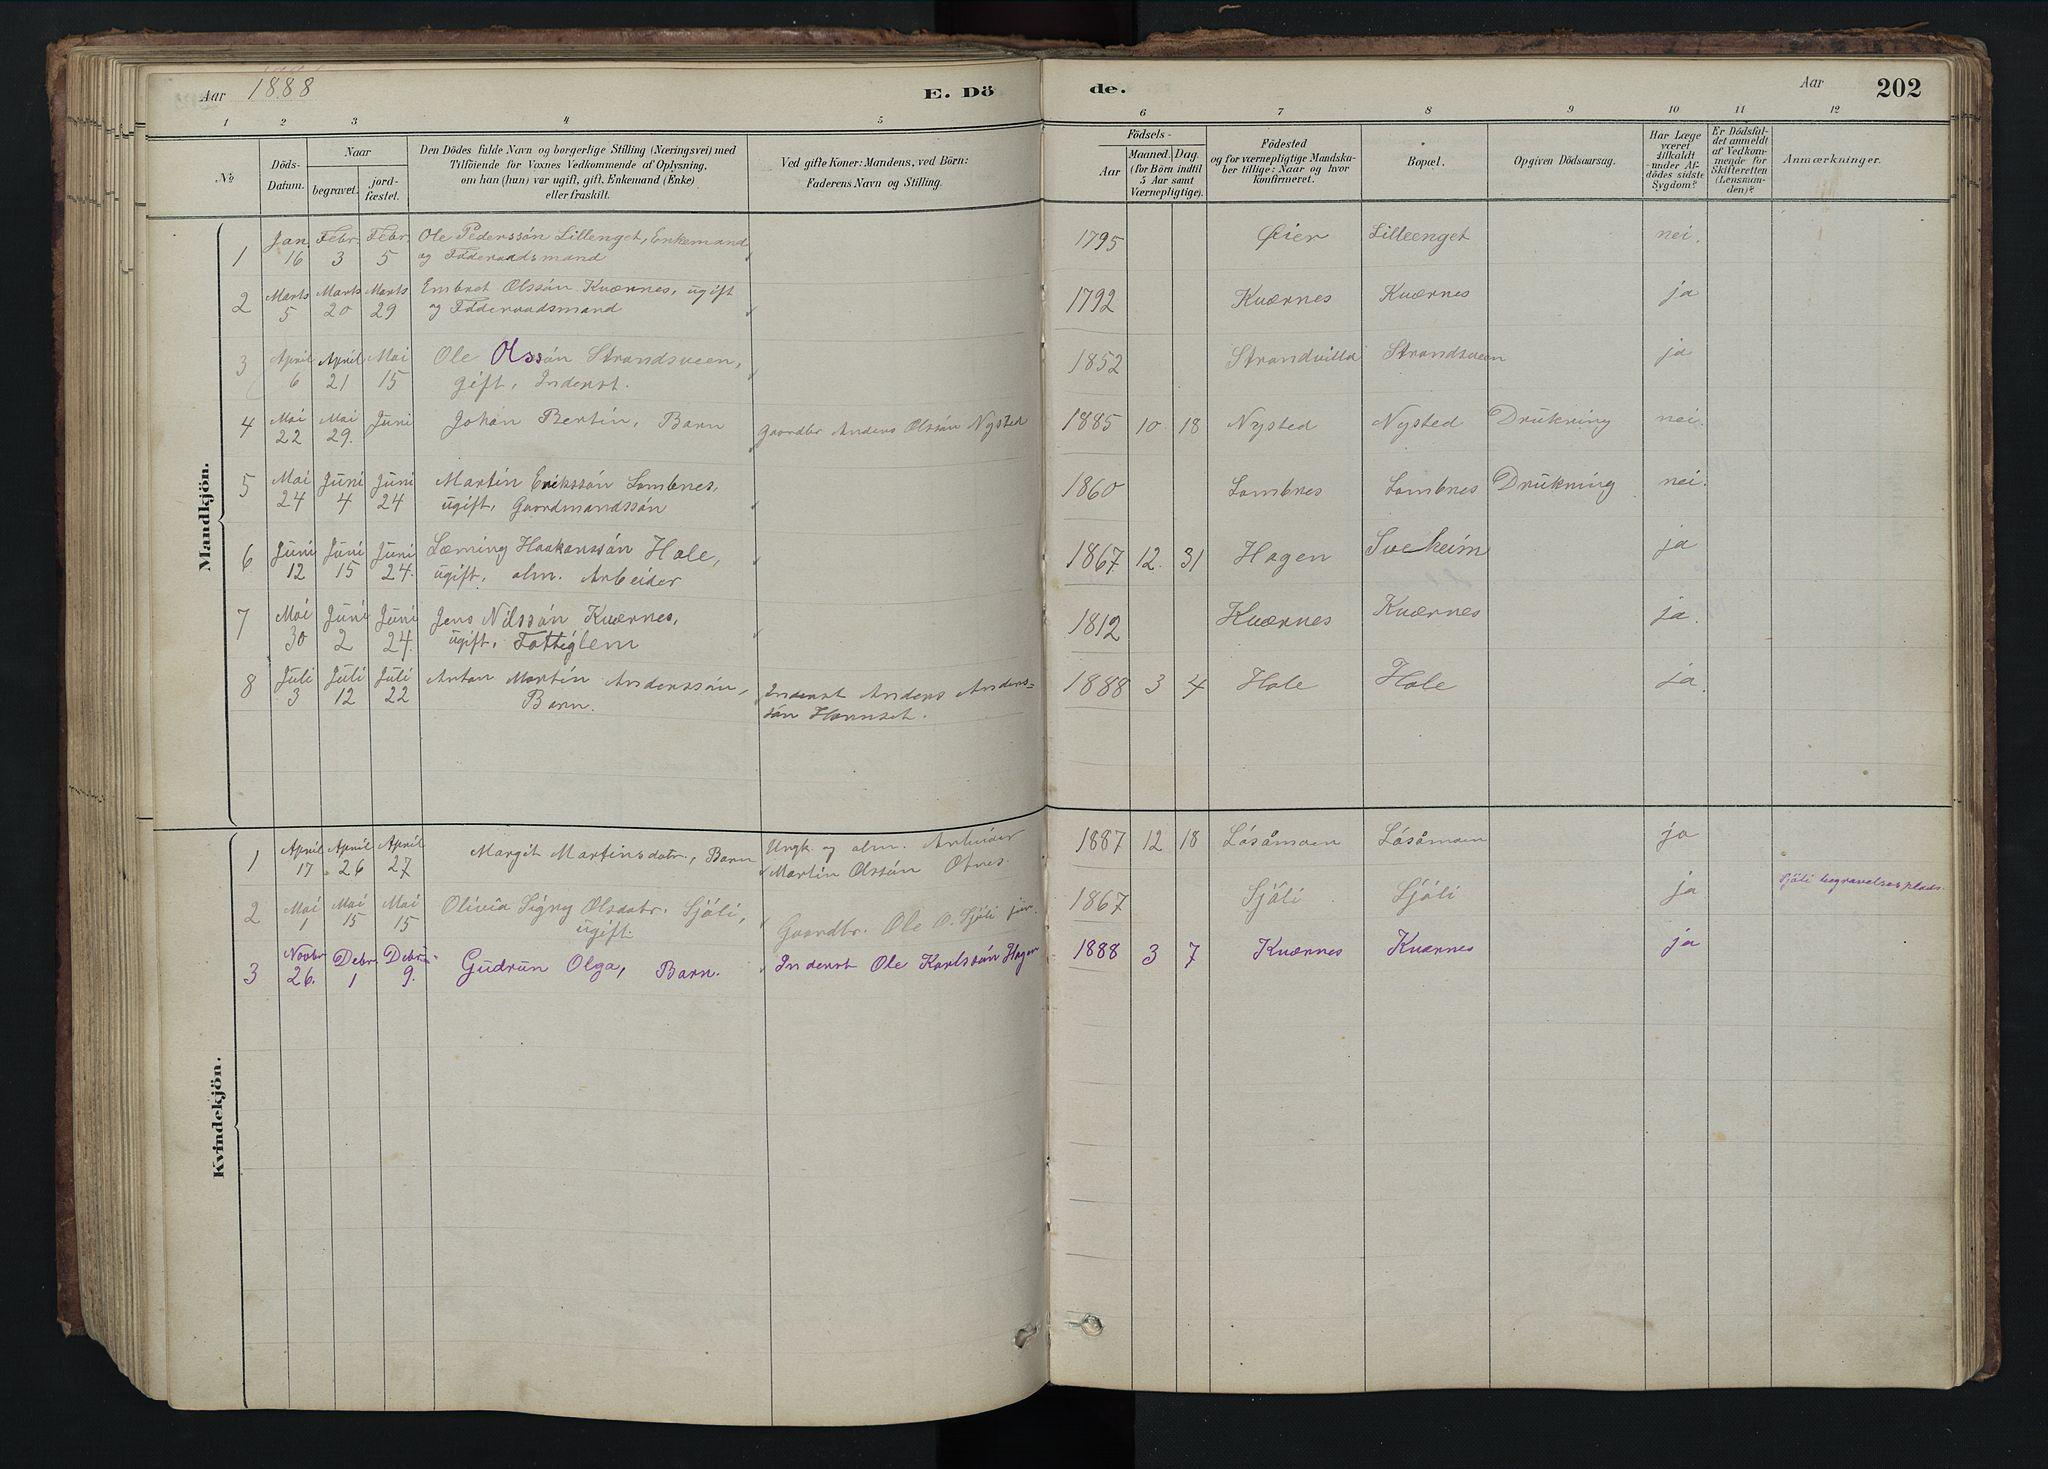 SAH, Rendalen prestekontor, H/Ha/Hab/L0009: Klokkerbok nr. 9, 1879-1902, s. 202